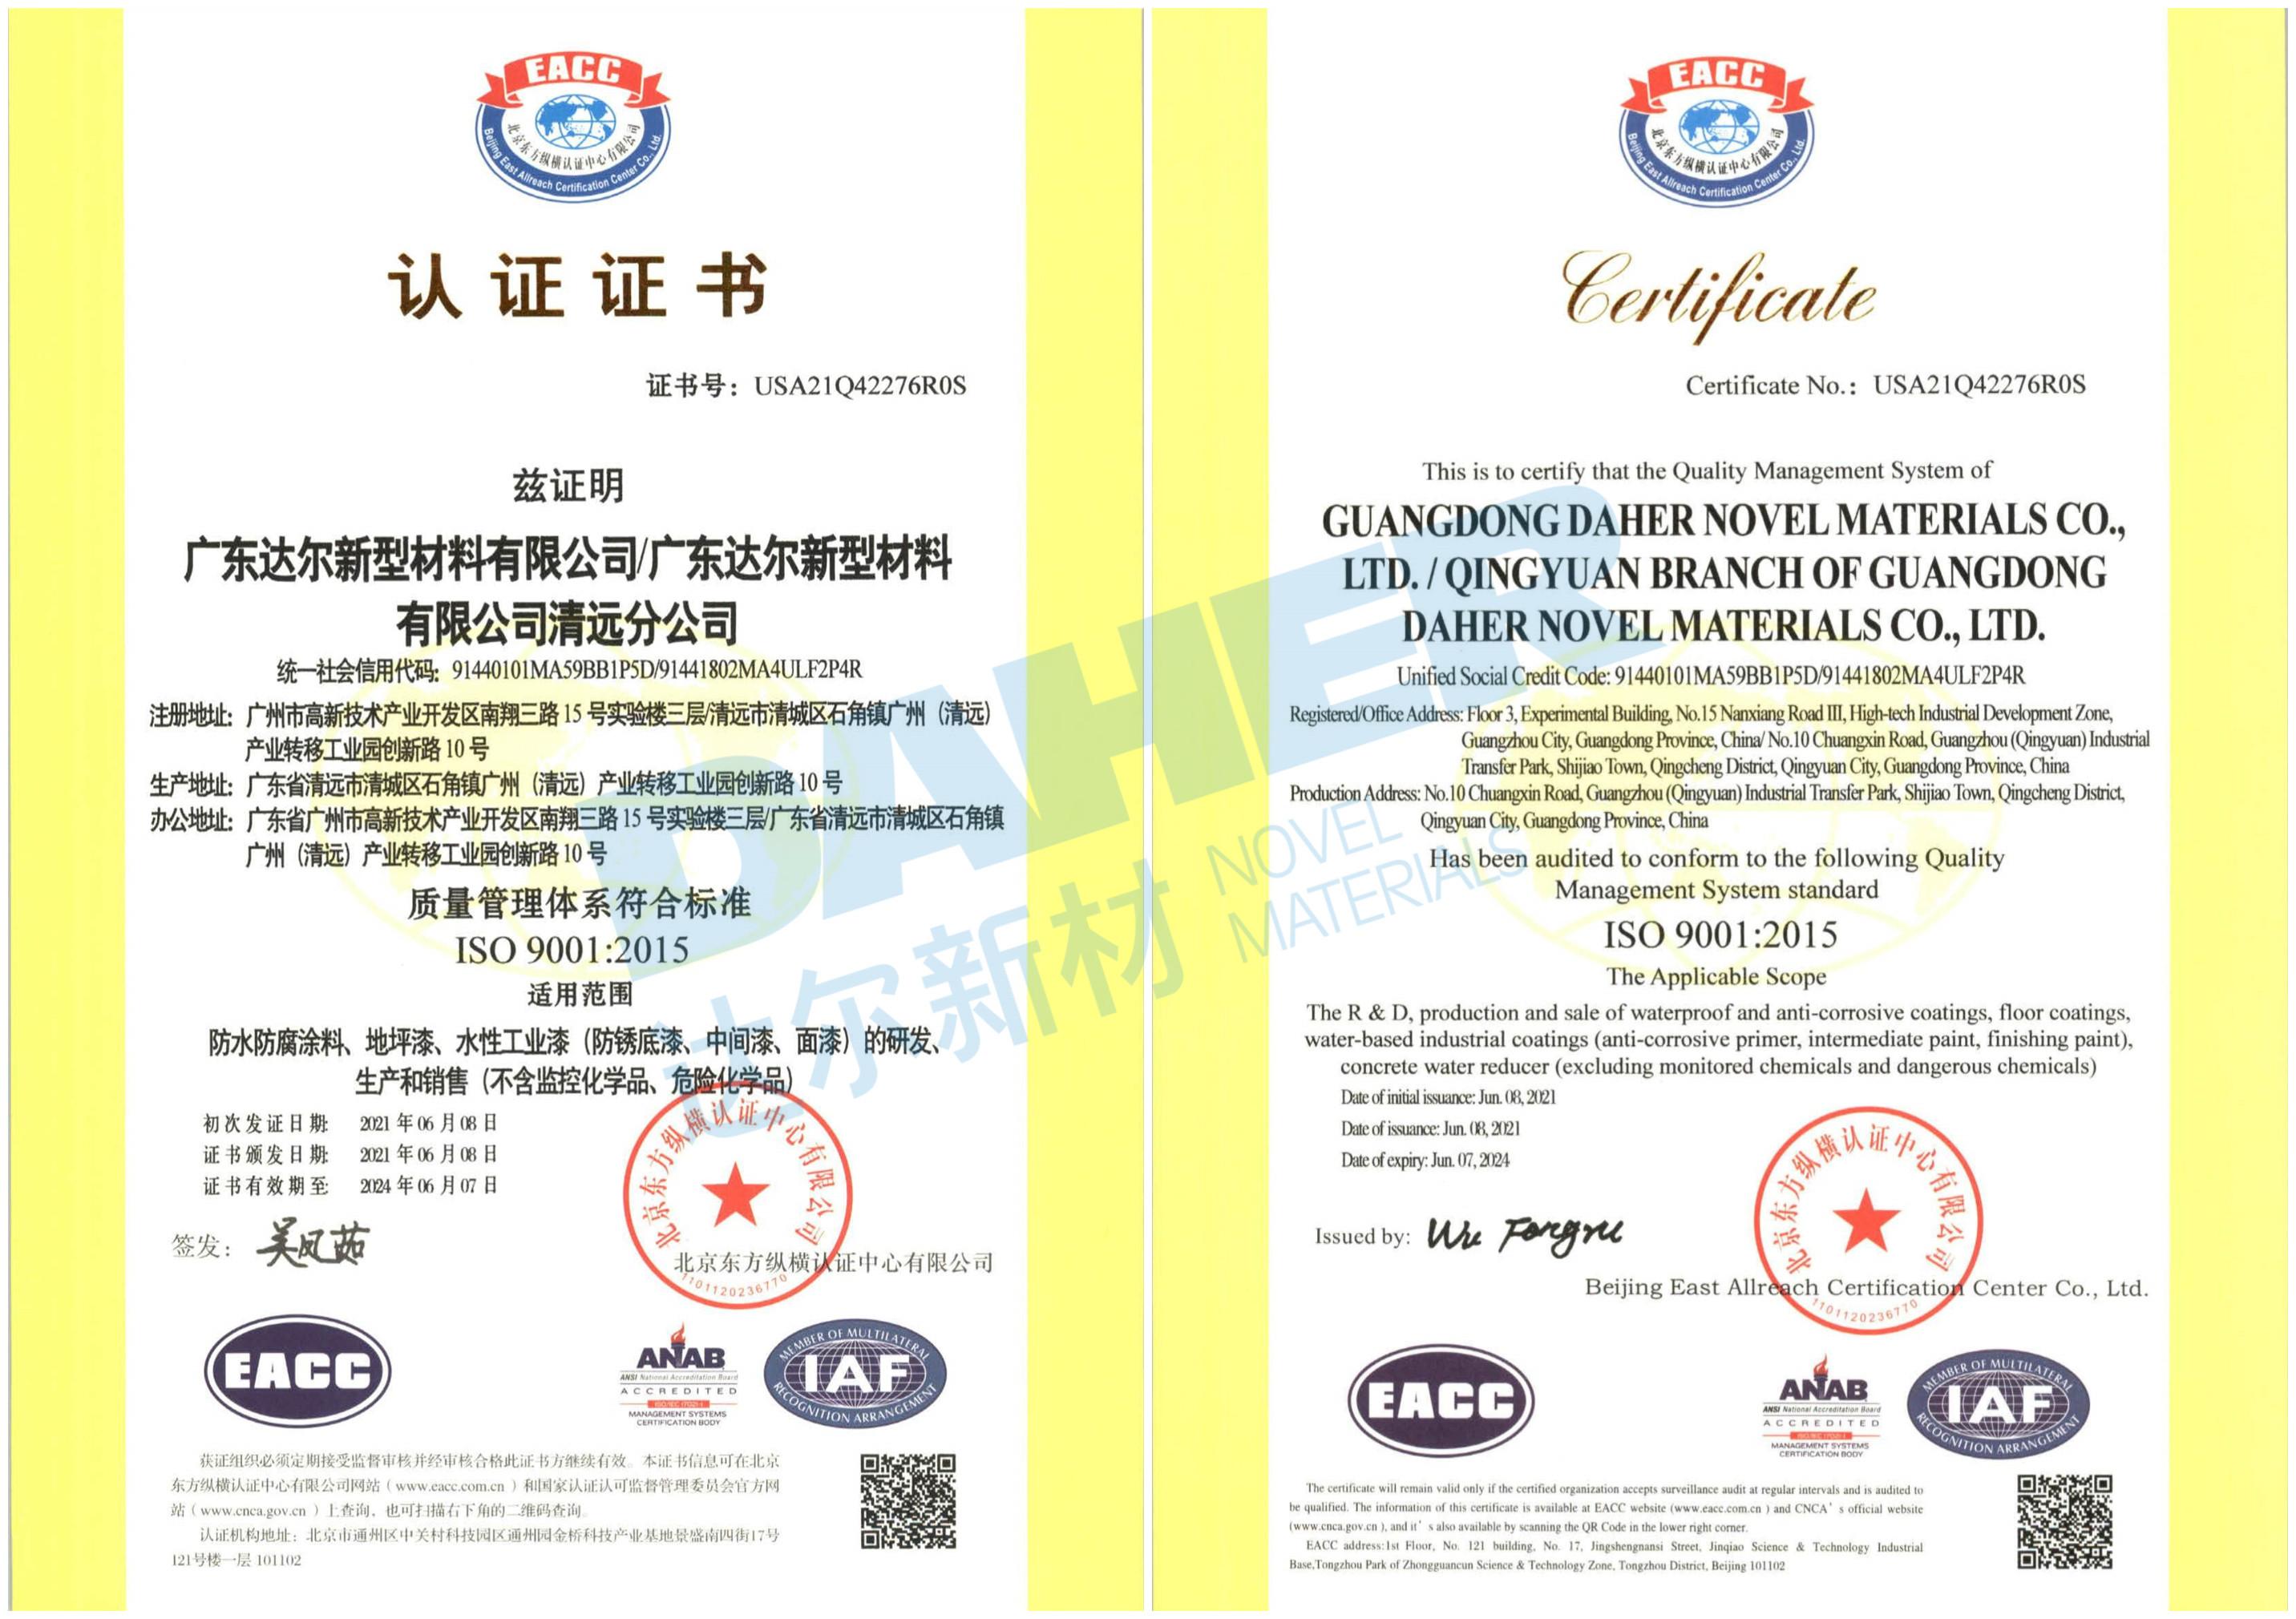 質量管理體系ISO9001